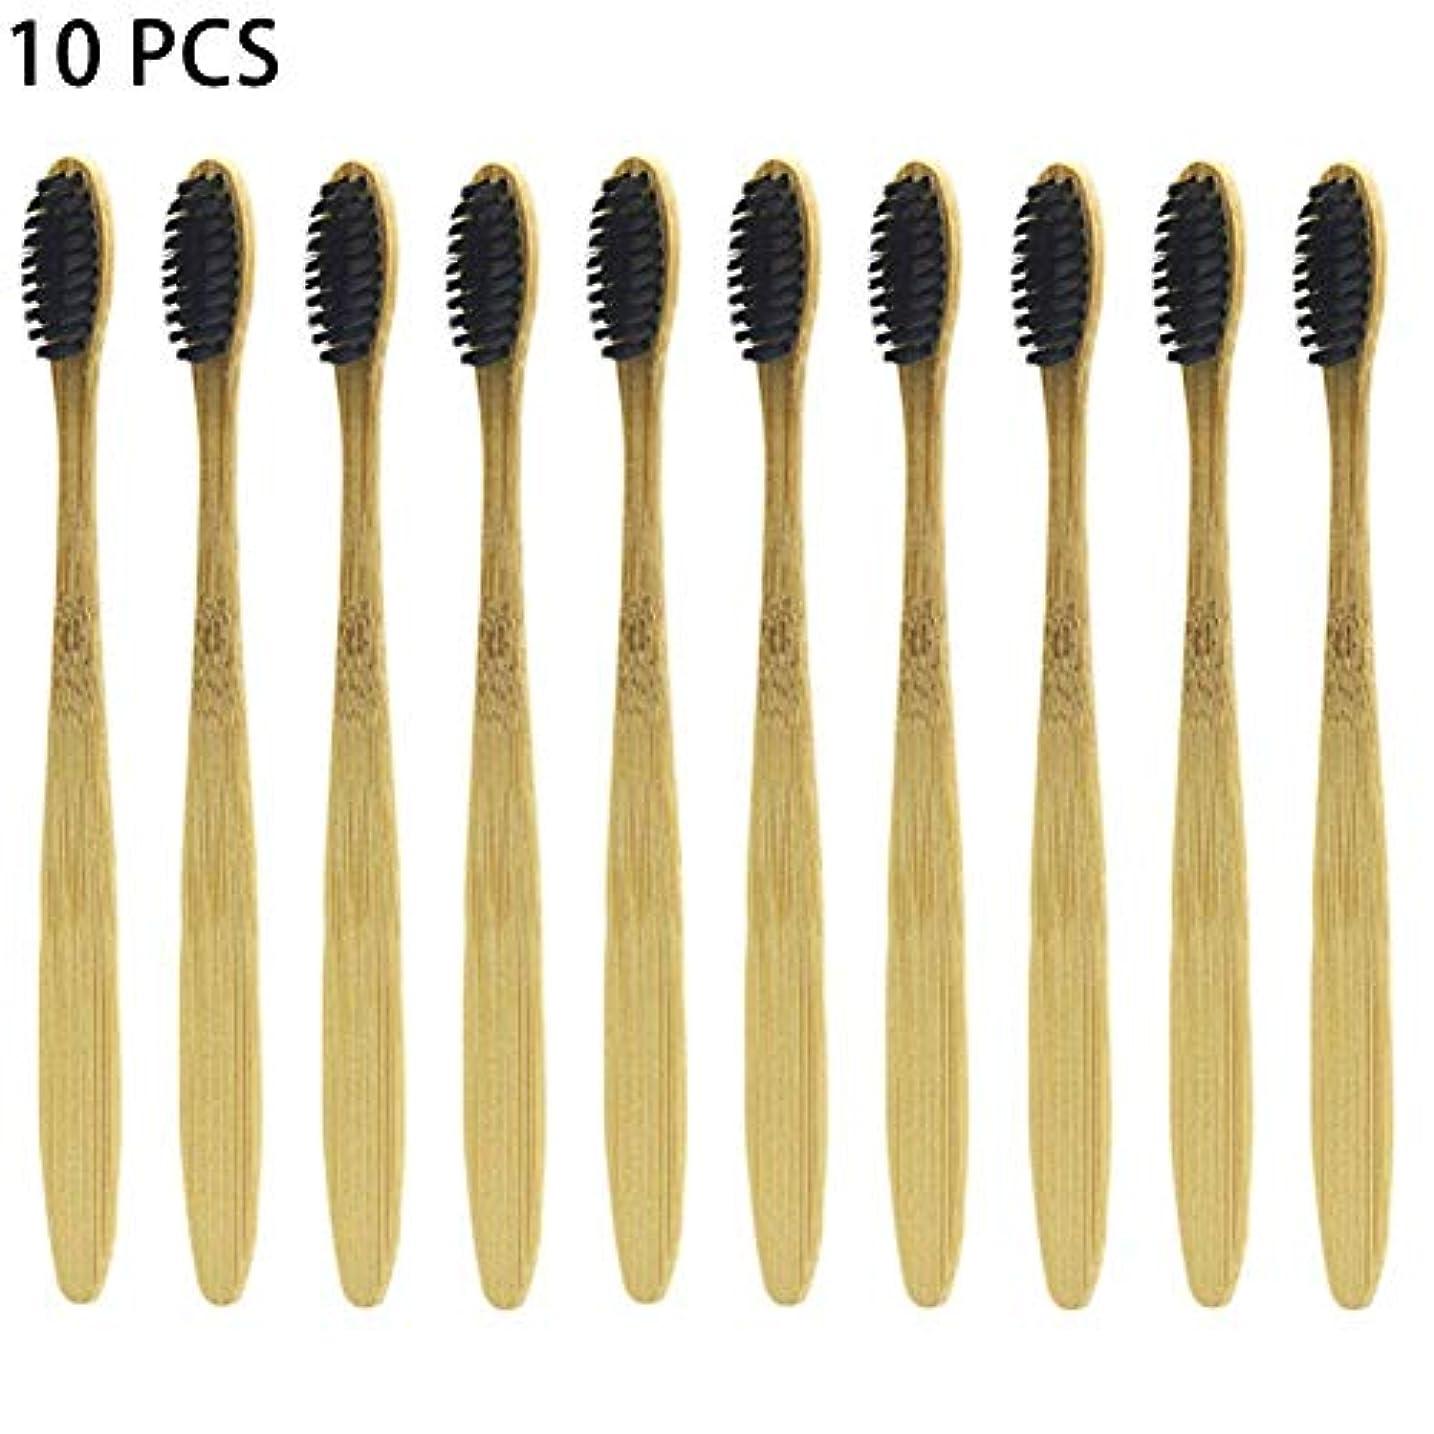 変更可能セーブファイバRagem 竹の歯ブラシ 歯ブラシ 柔らかい 環境保護 10本